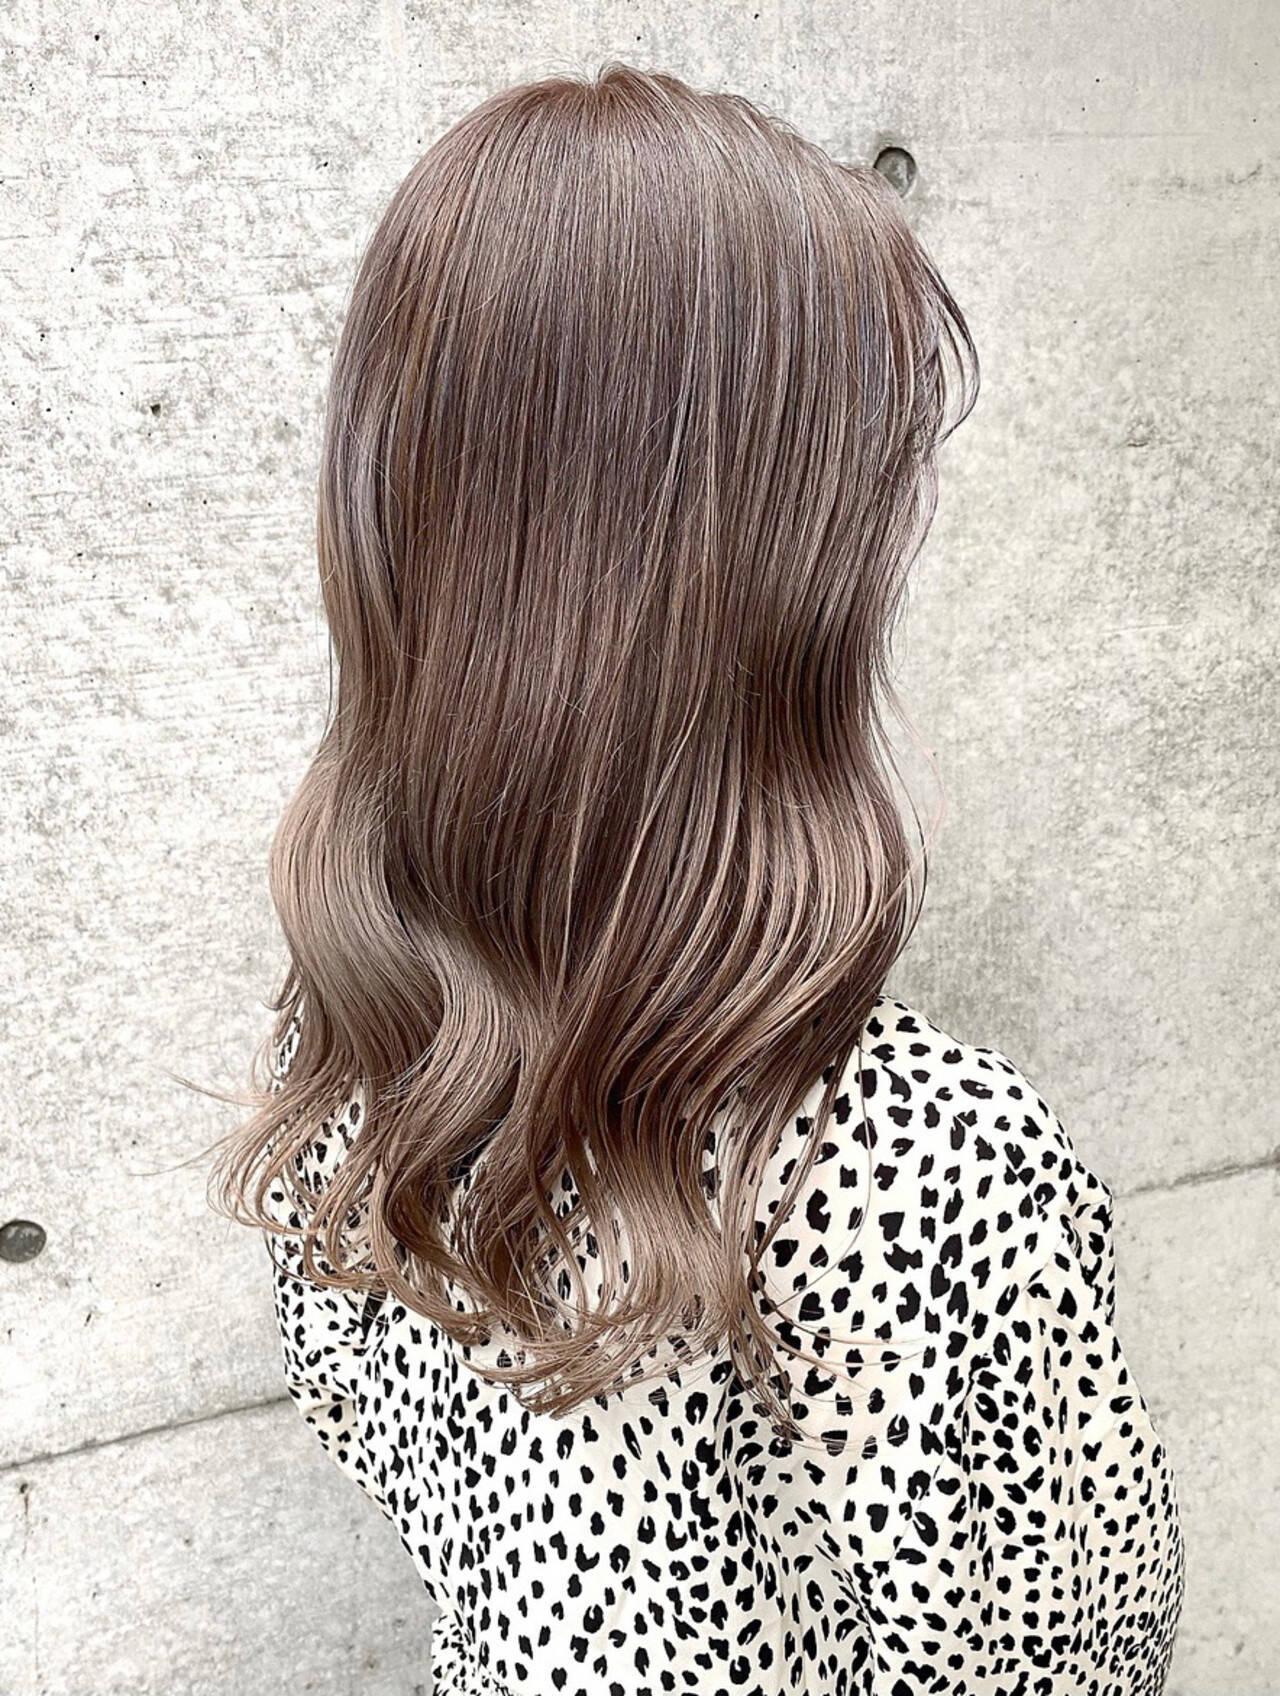 グレージュ 大人可愛い ベージュ シアーベージュヘアスタイルや髪型の写真・画像